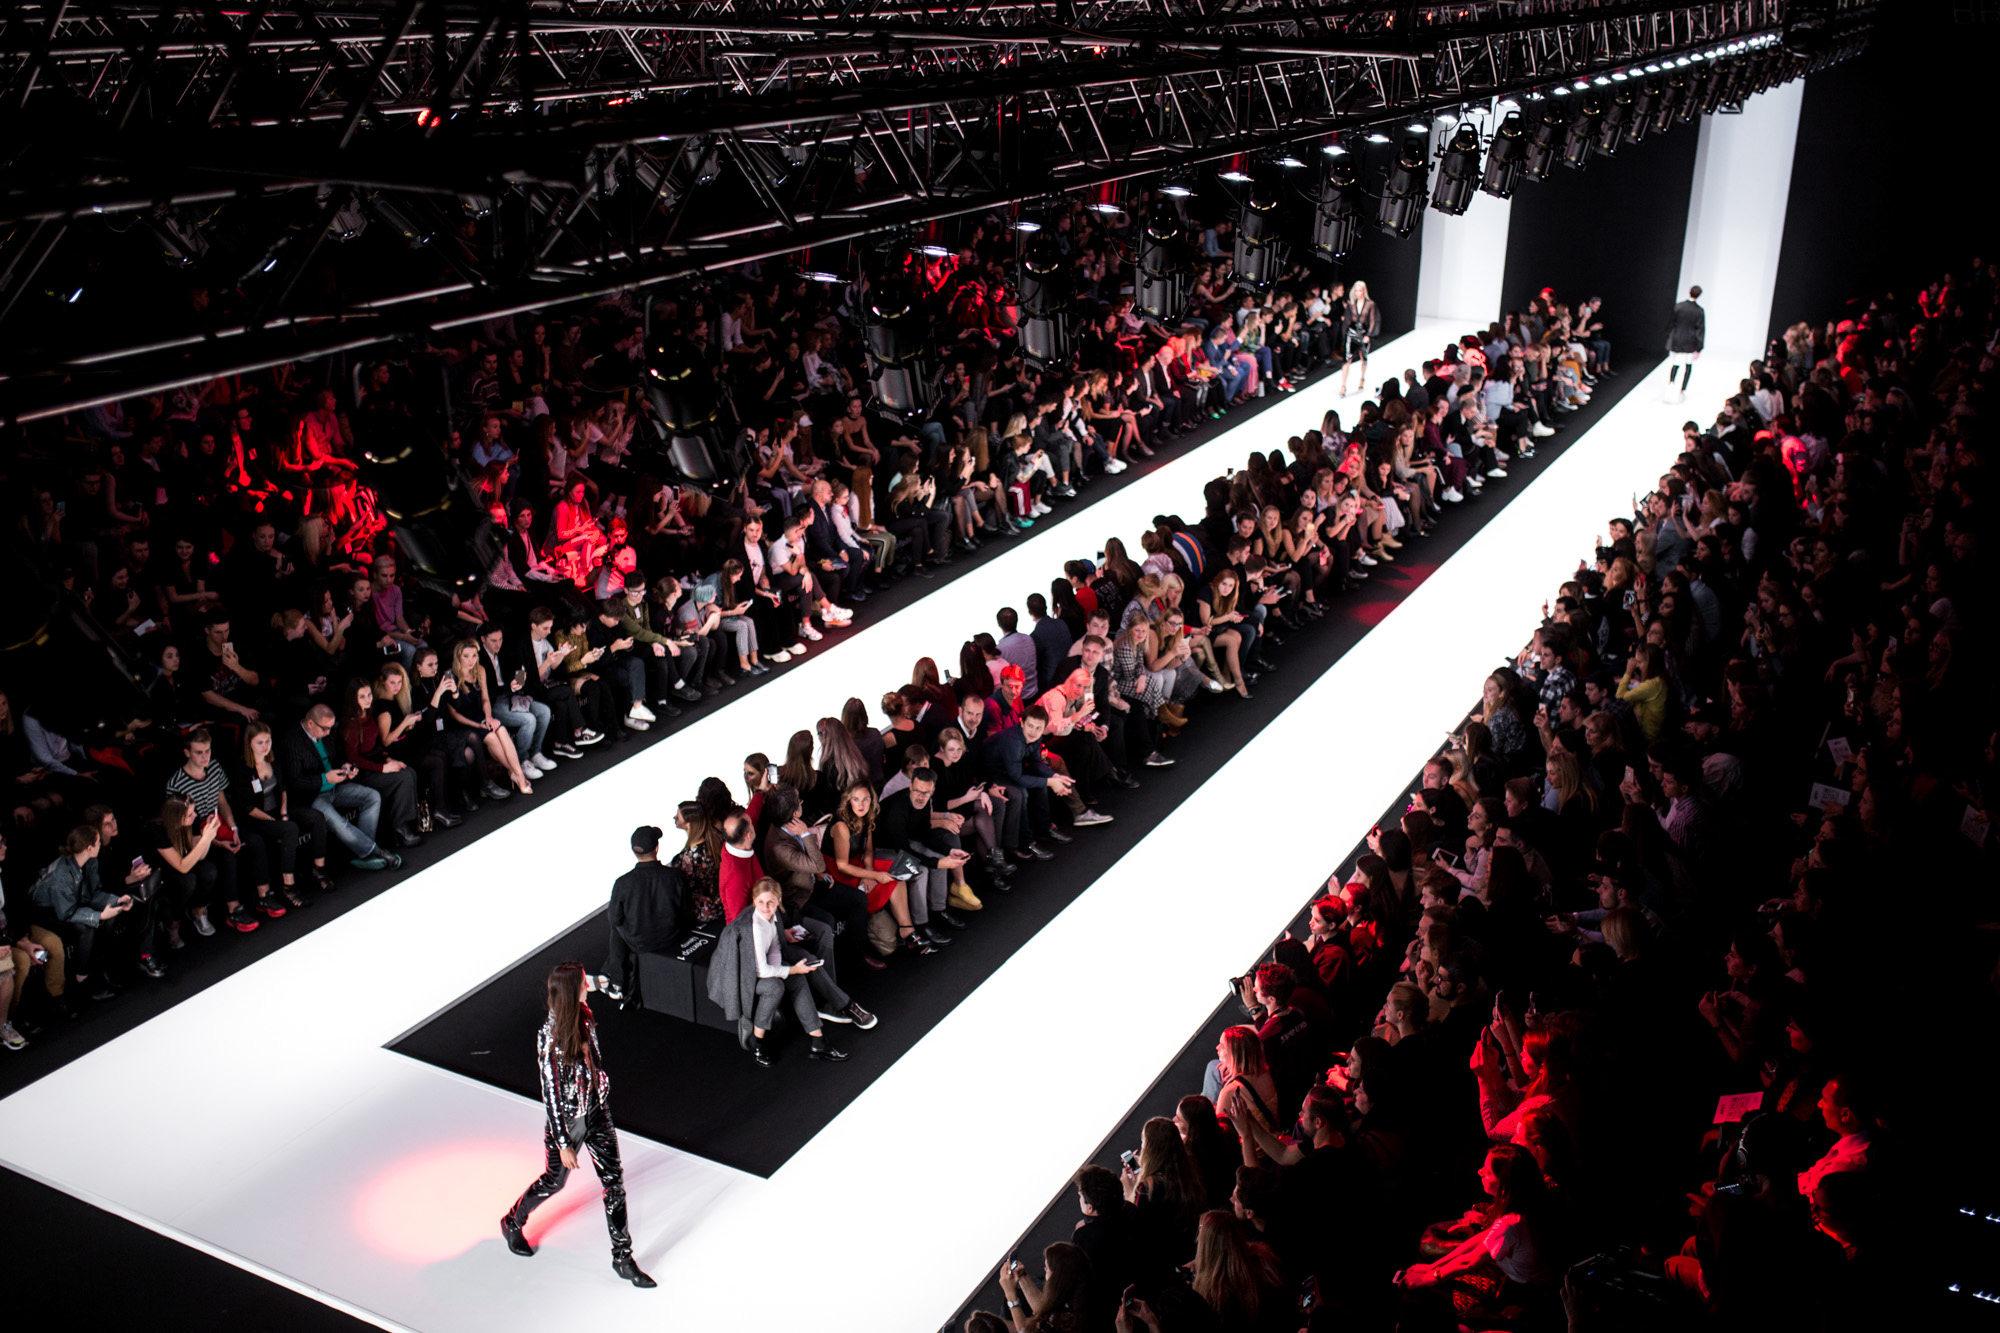 #Stayhomeinfashion: впервые Недели Моды прошли в онлайн-формате